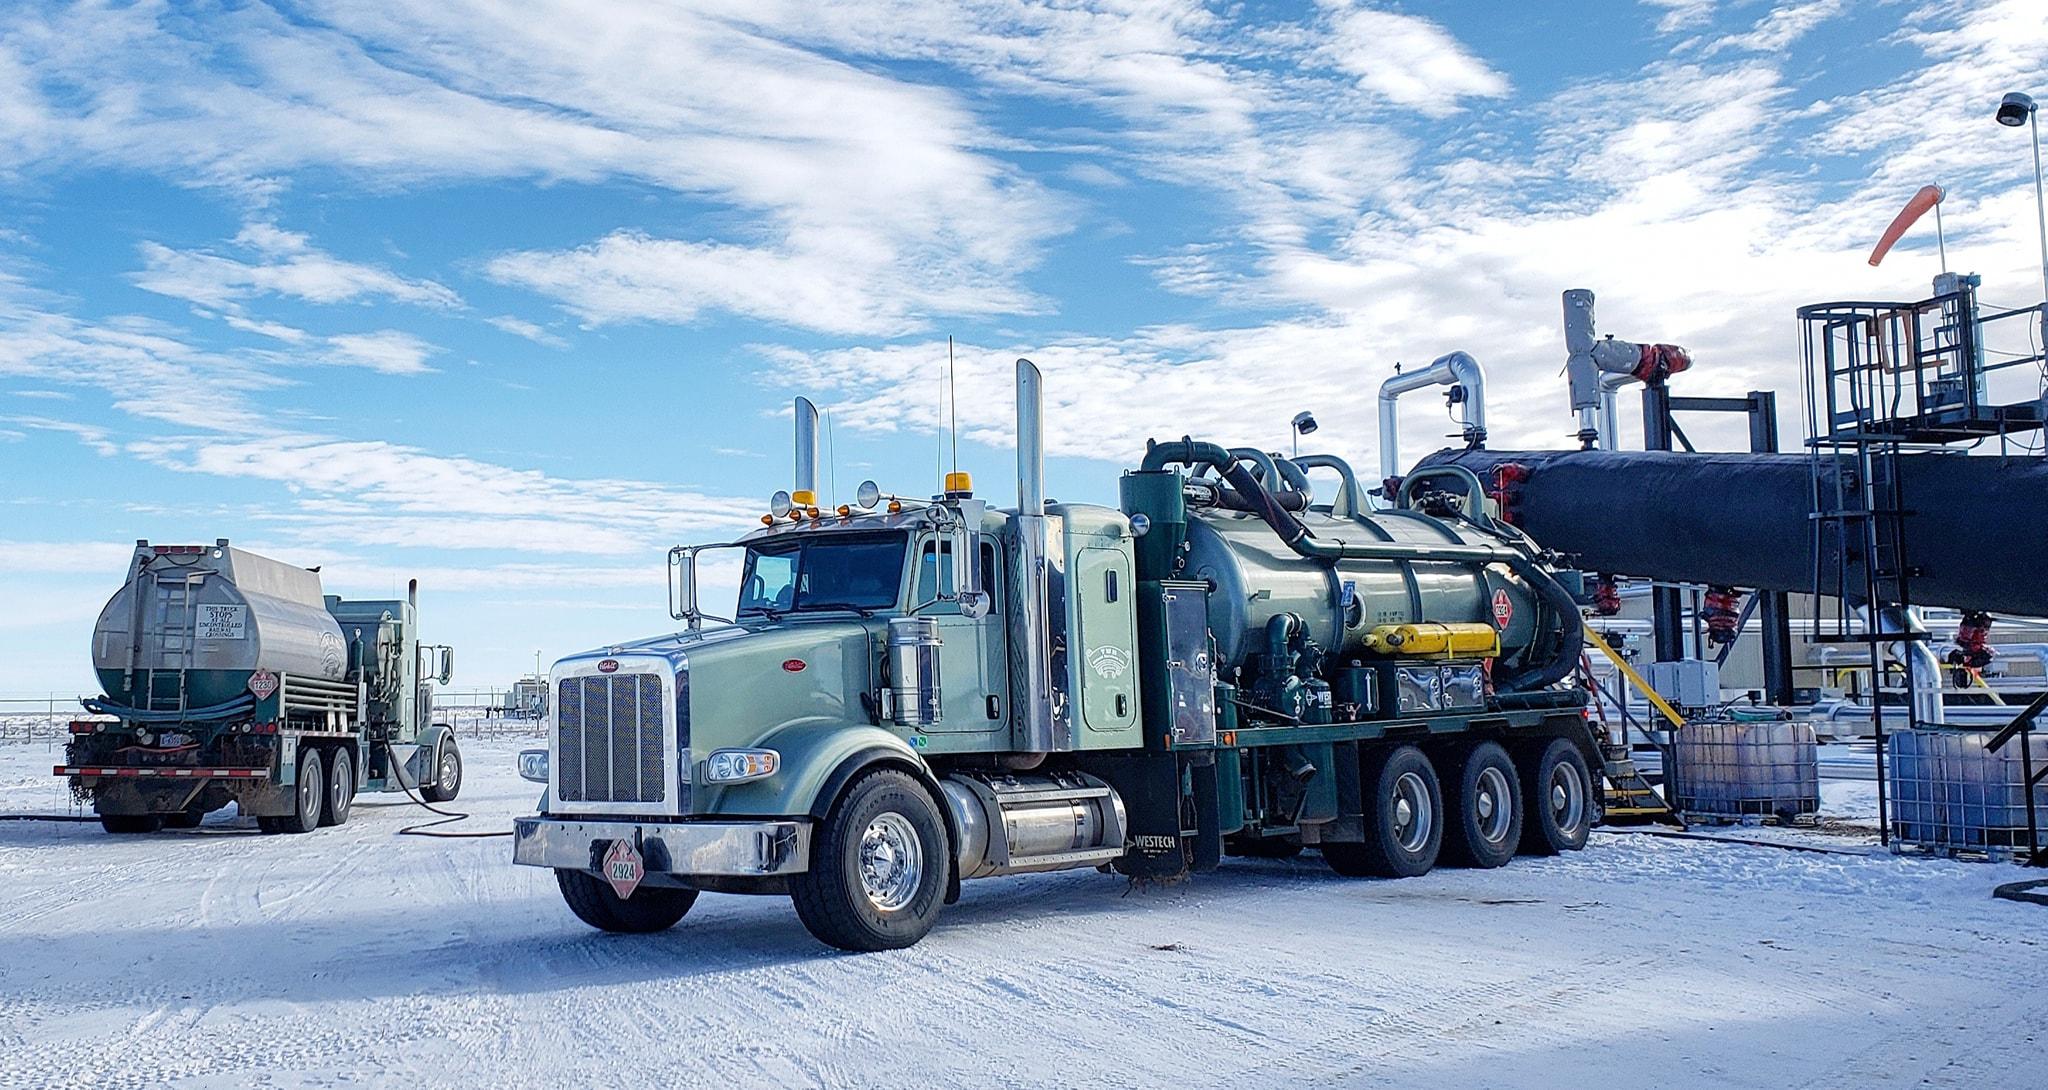 14-2-2020--nu-met-tankwagen-om-meer-thuis-te-zijn-Taber--(5)